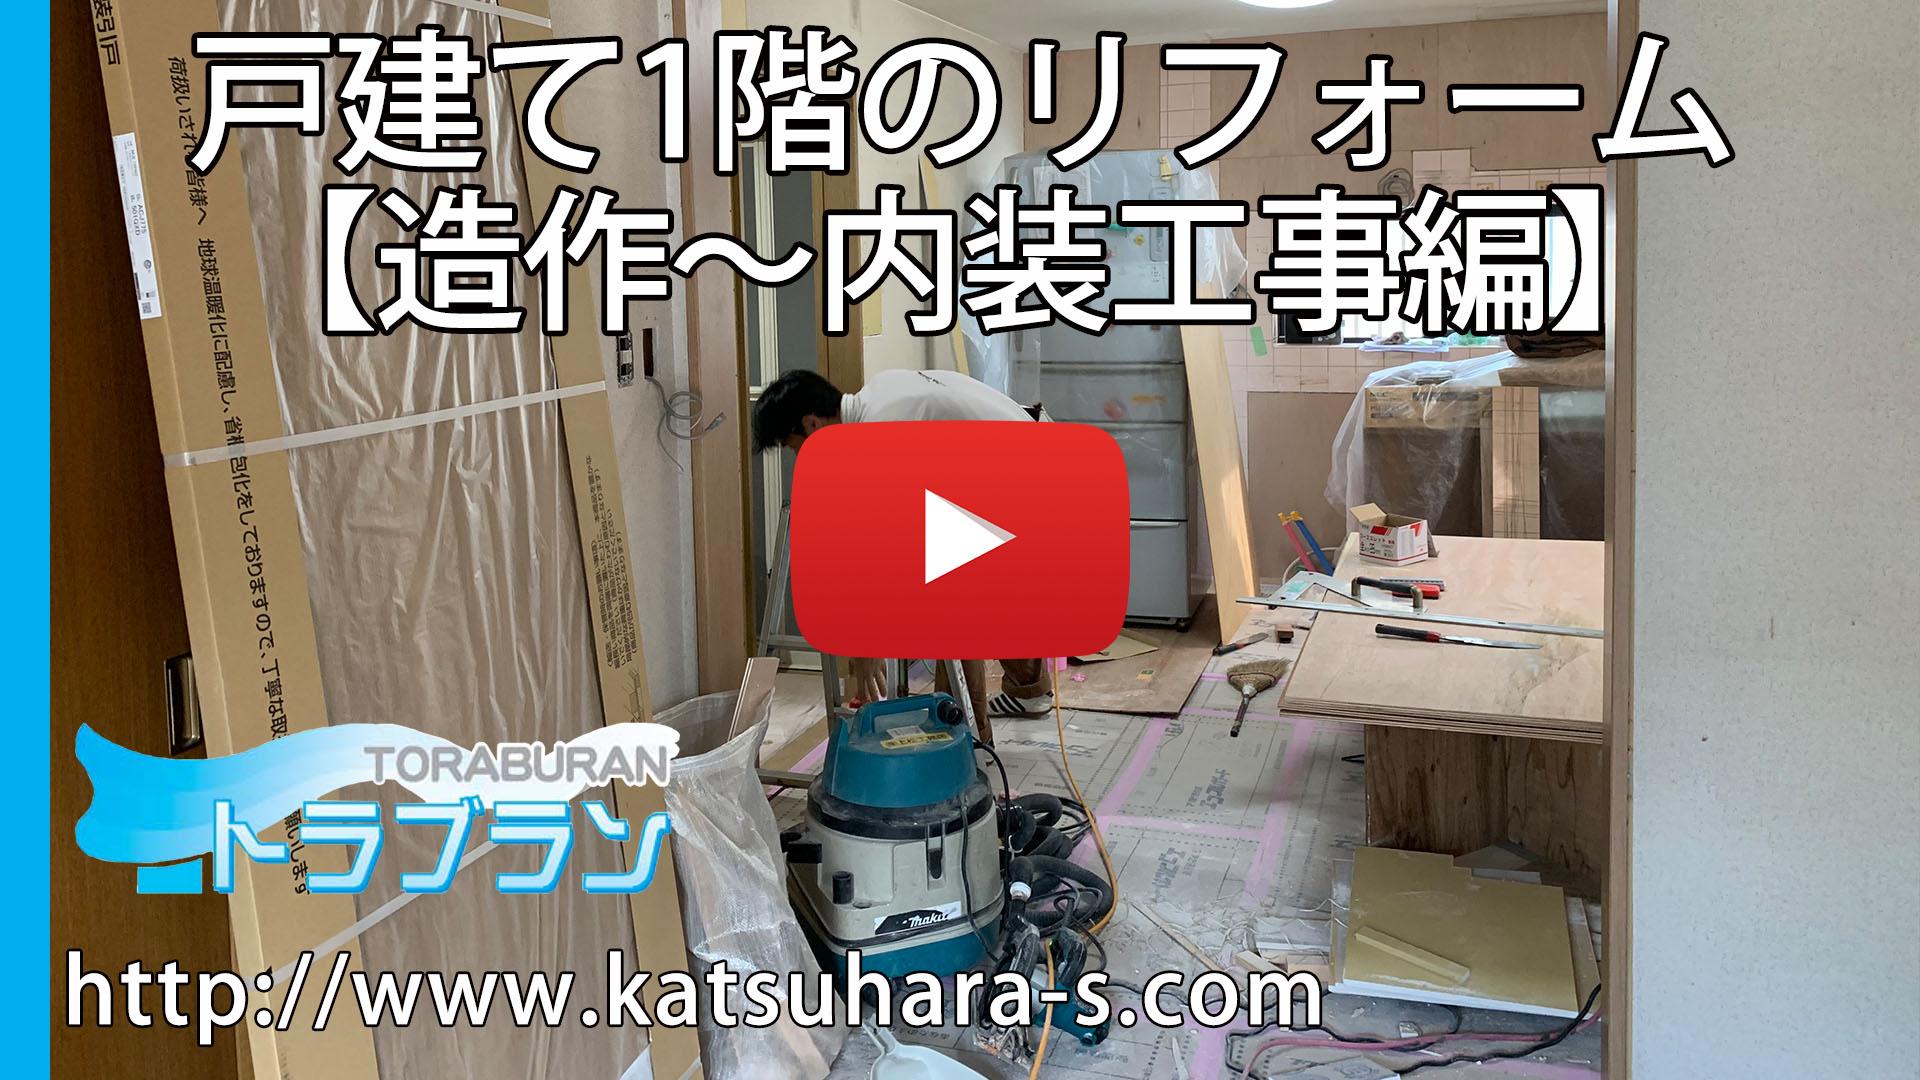 戸建て1階のリフォーム【造作から内装工事編】のサムネイルb